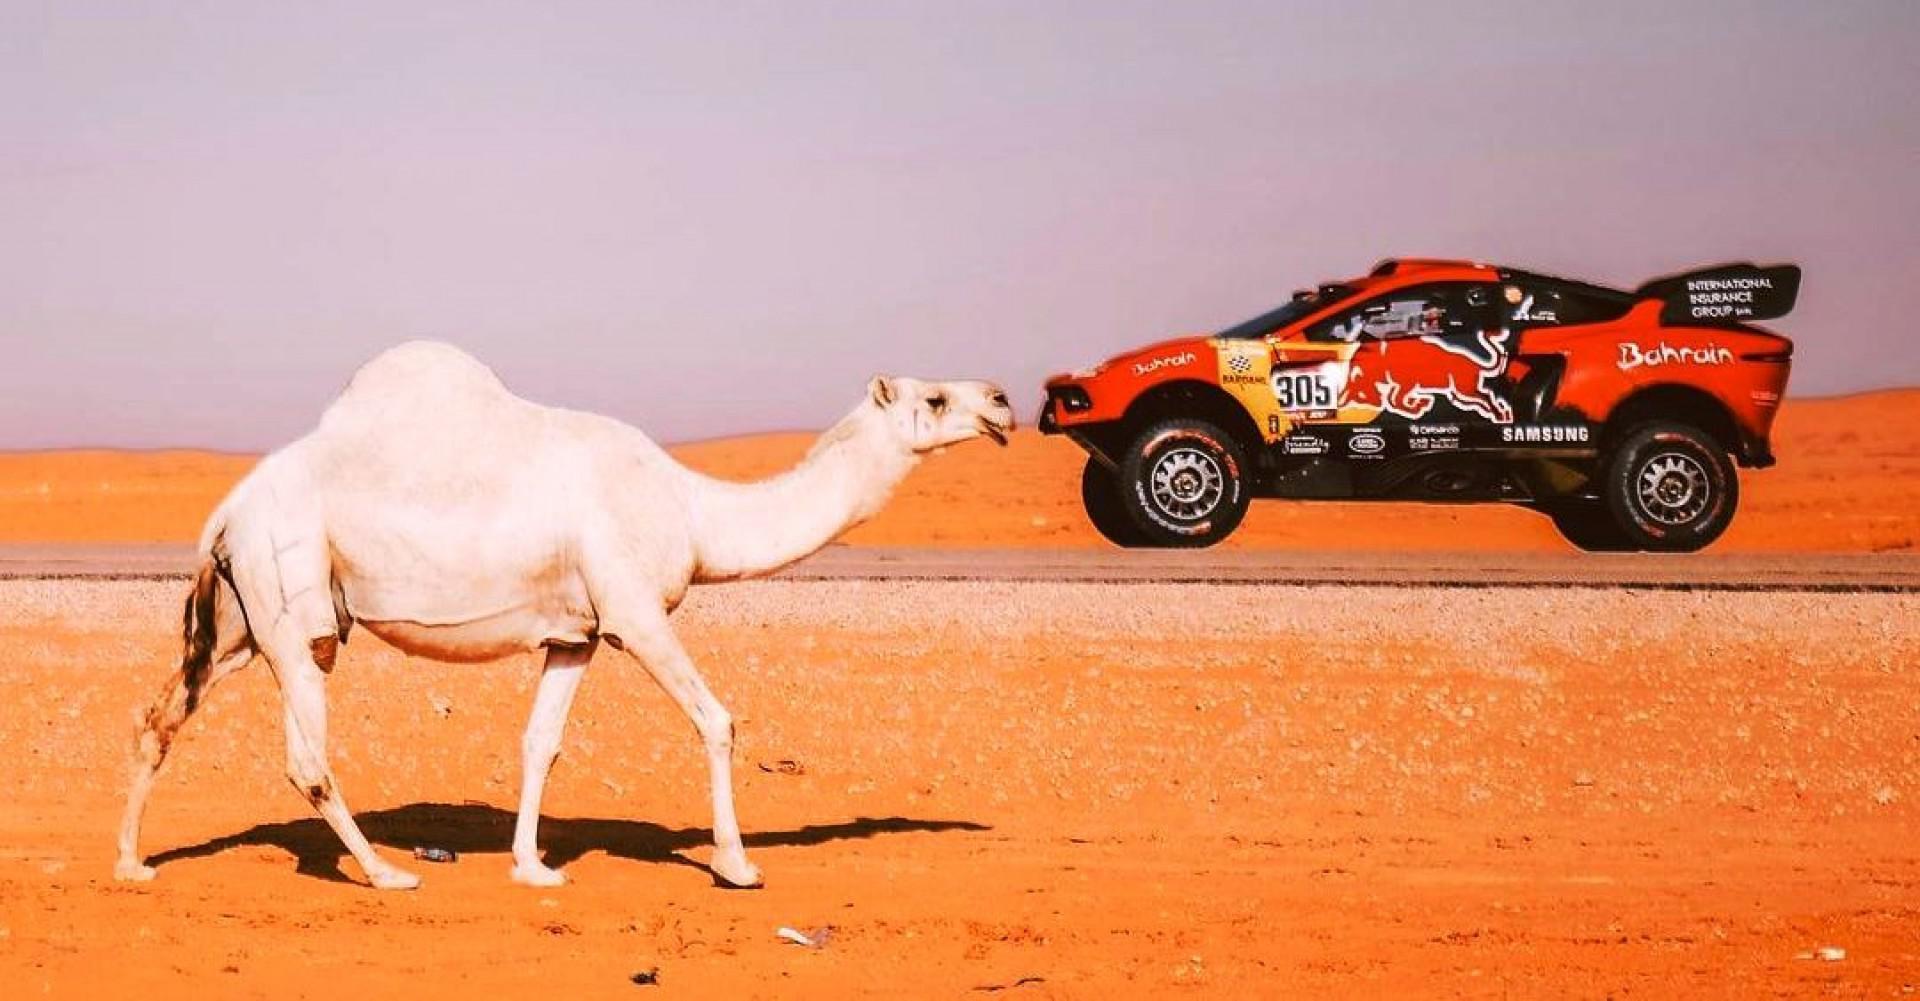 رالي داكار : تألق المصورين الفوتوغرافيين العرب